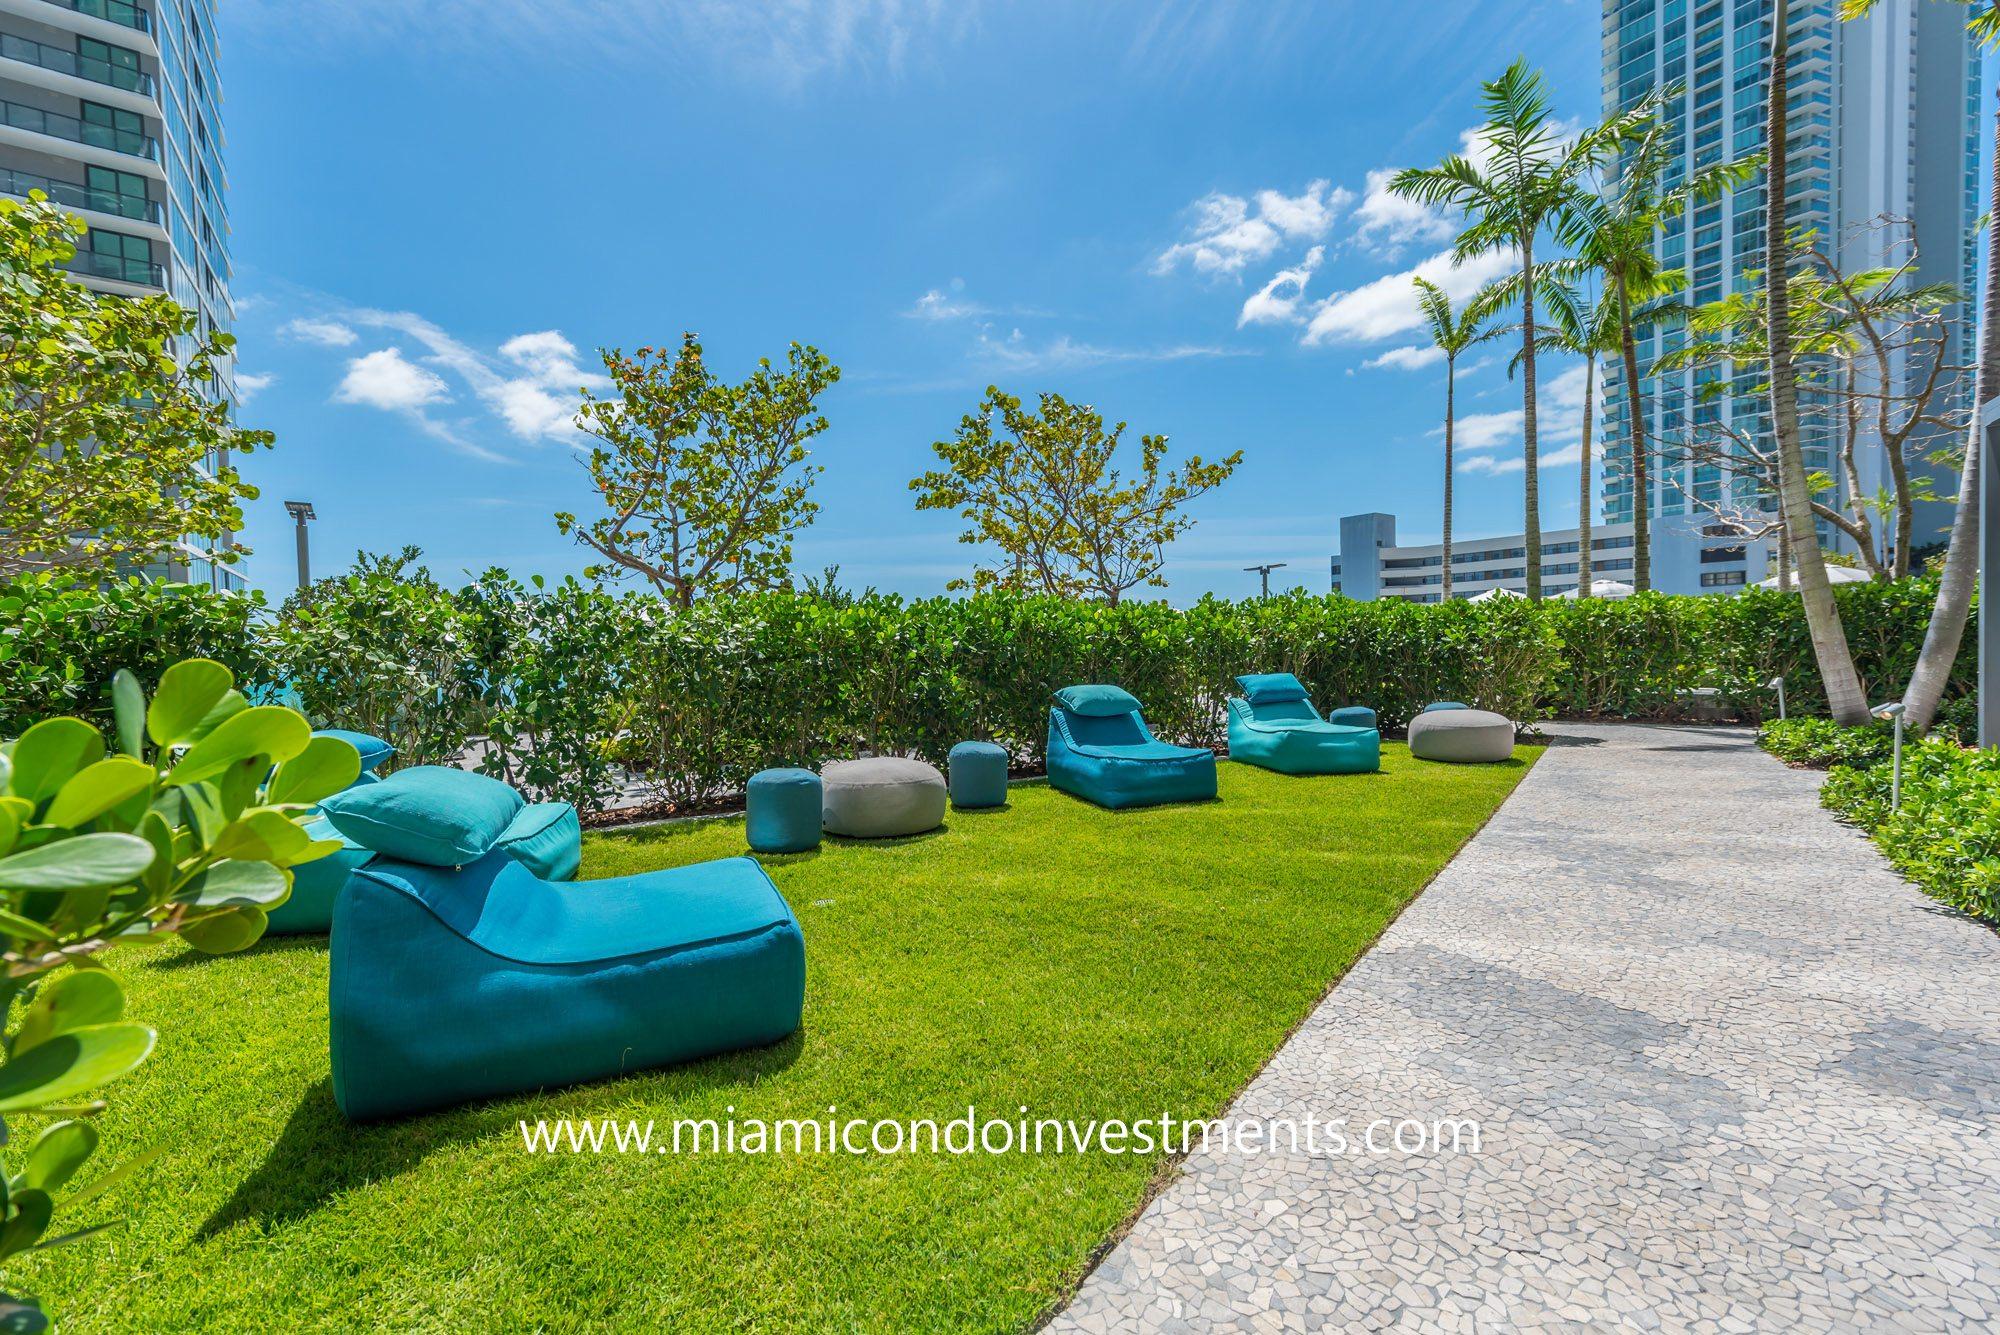 Paraiso Bay outdoor lounge area